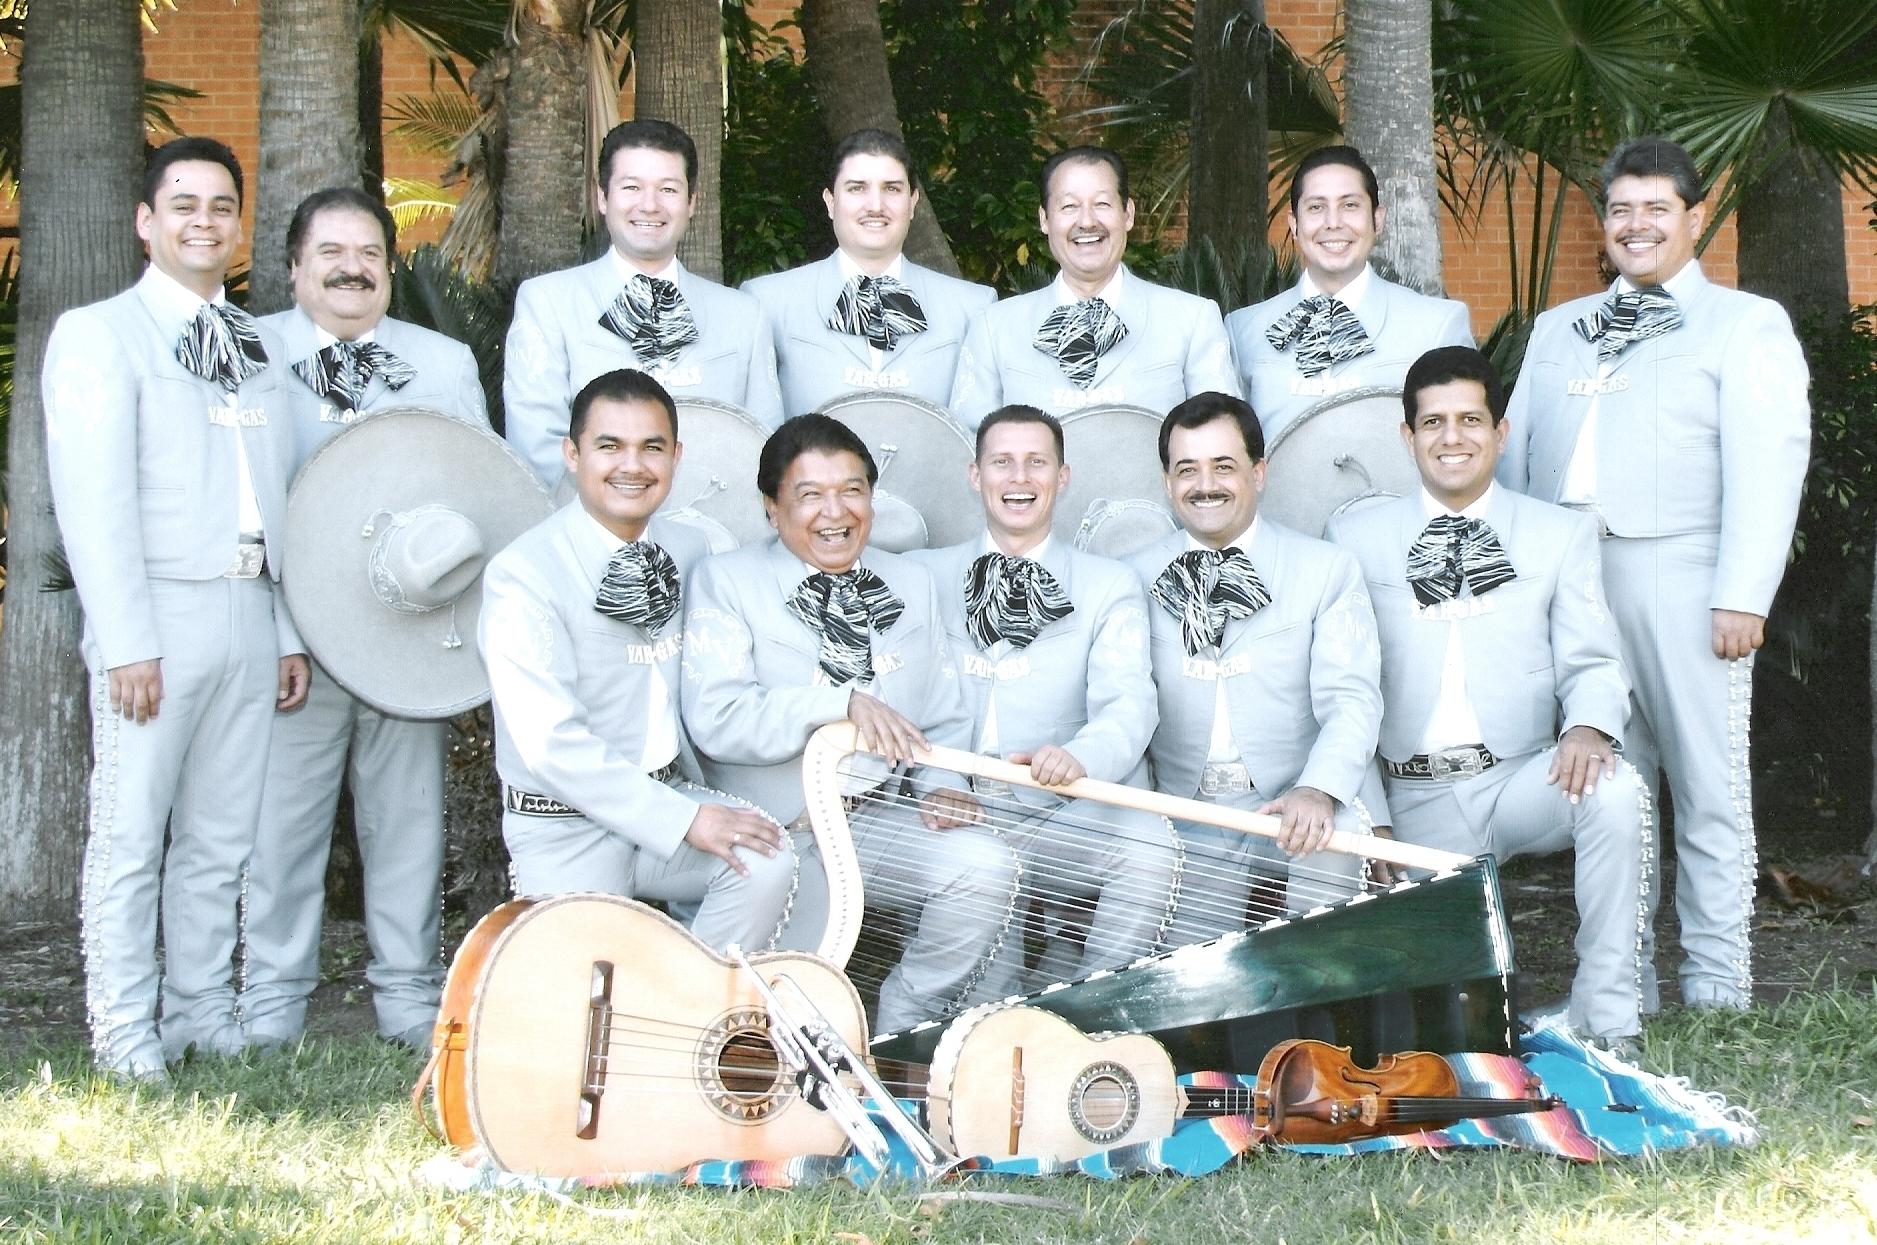 Mariachi Vargas 2011 Dates